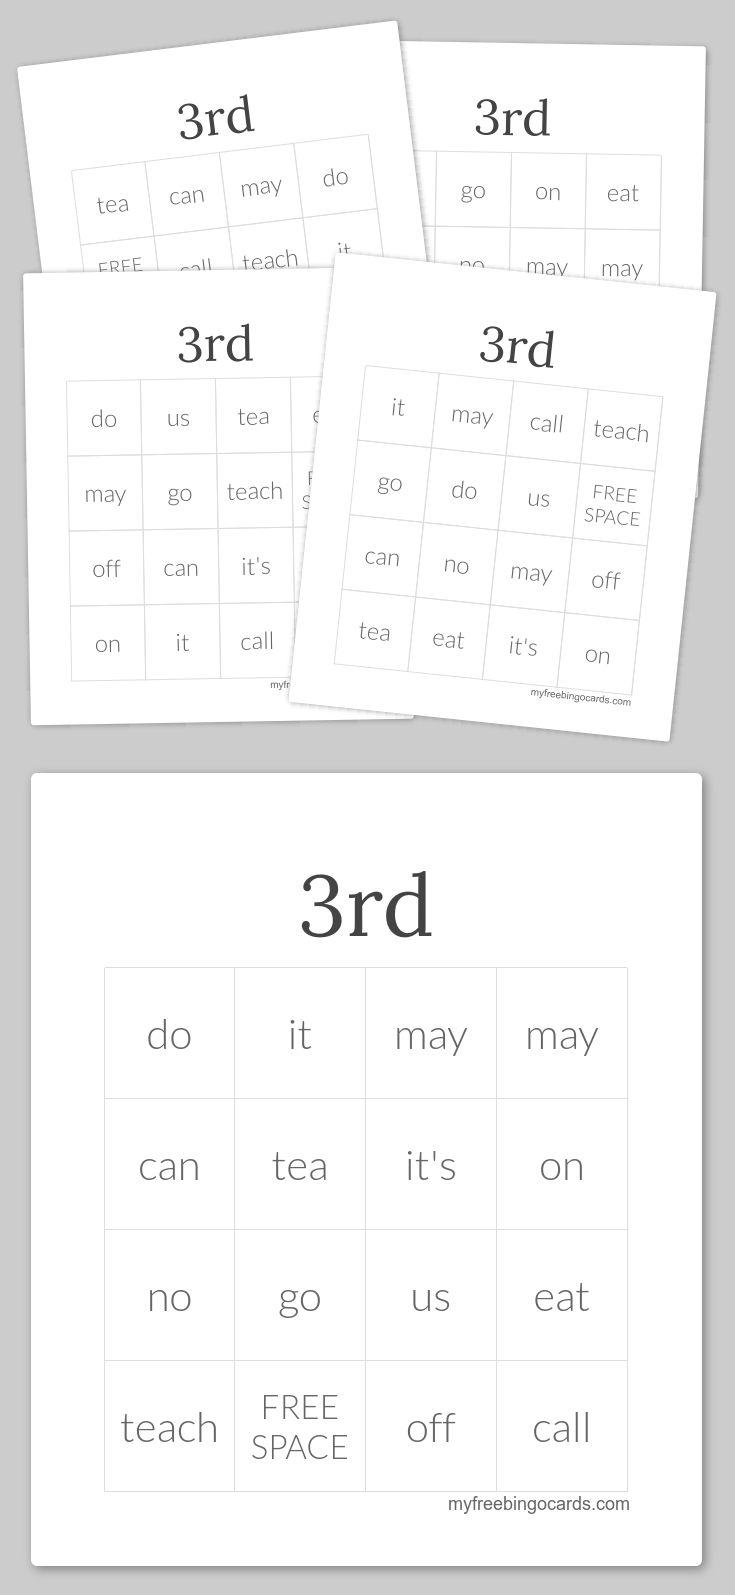 17 Best ideas about Bingo Card Generator on Pinterest